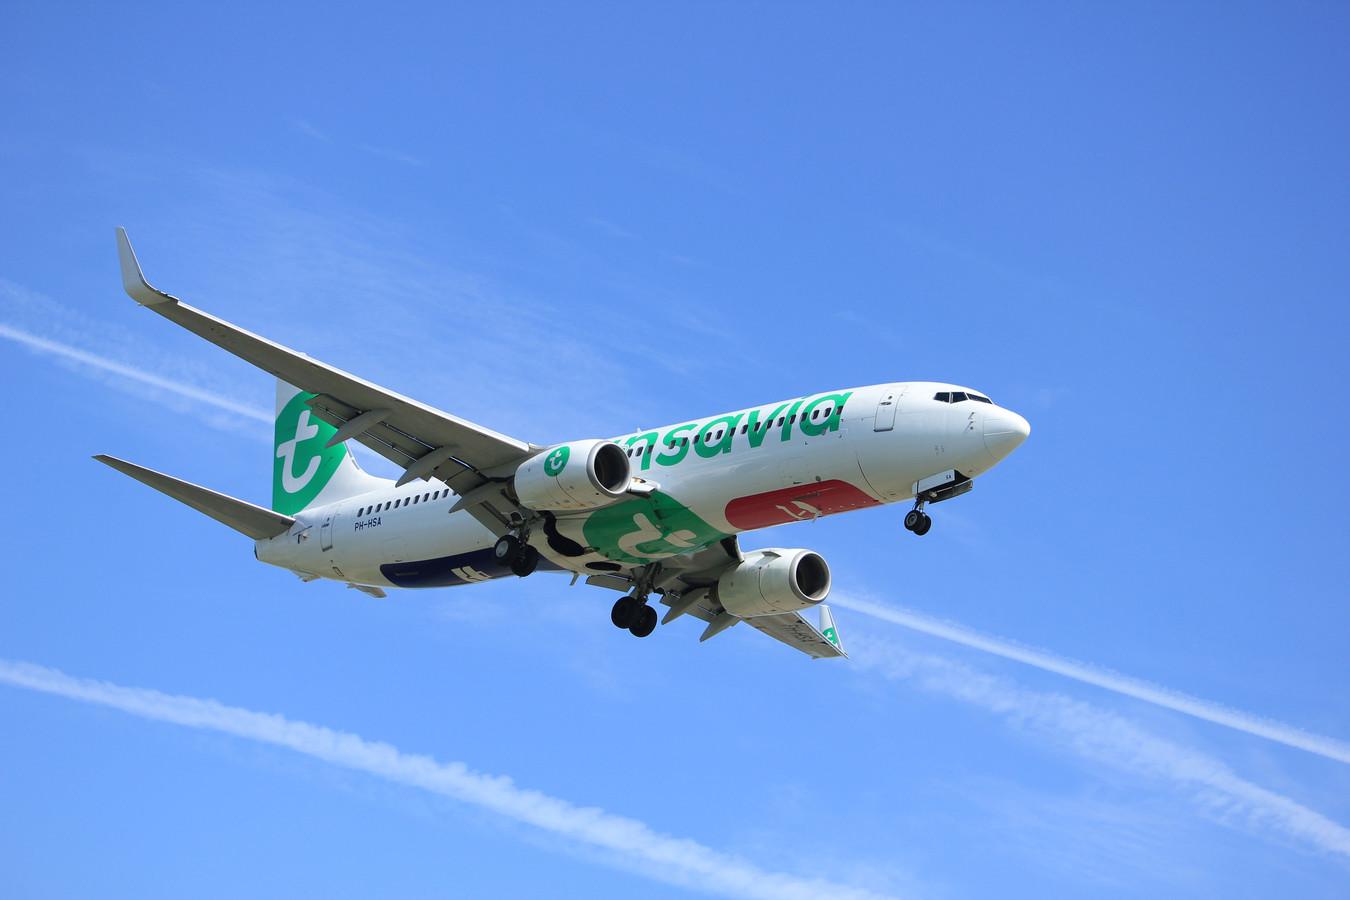 Met dit type Boeing 737-800 van Transavia wordt de belevingsvlucht uitgevoerd. De tijdstippen van de belevingsvlucht zijn gebaseerd op informatie van het ministerie. De werkelijke tijdstippen kunnen in de praktijk enigszins afwijken.